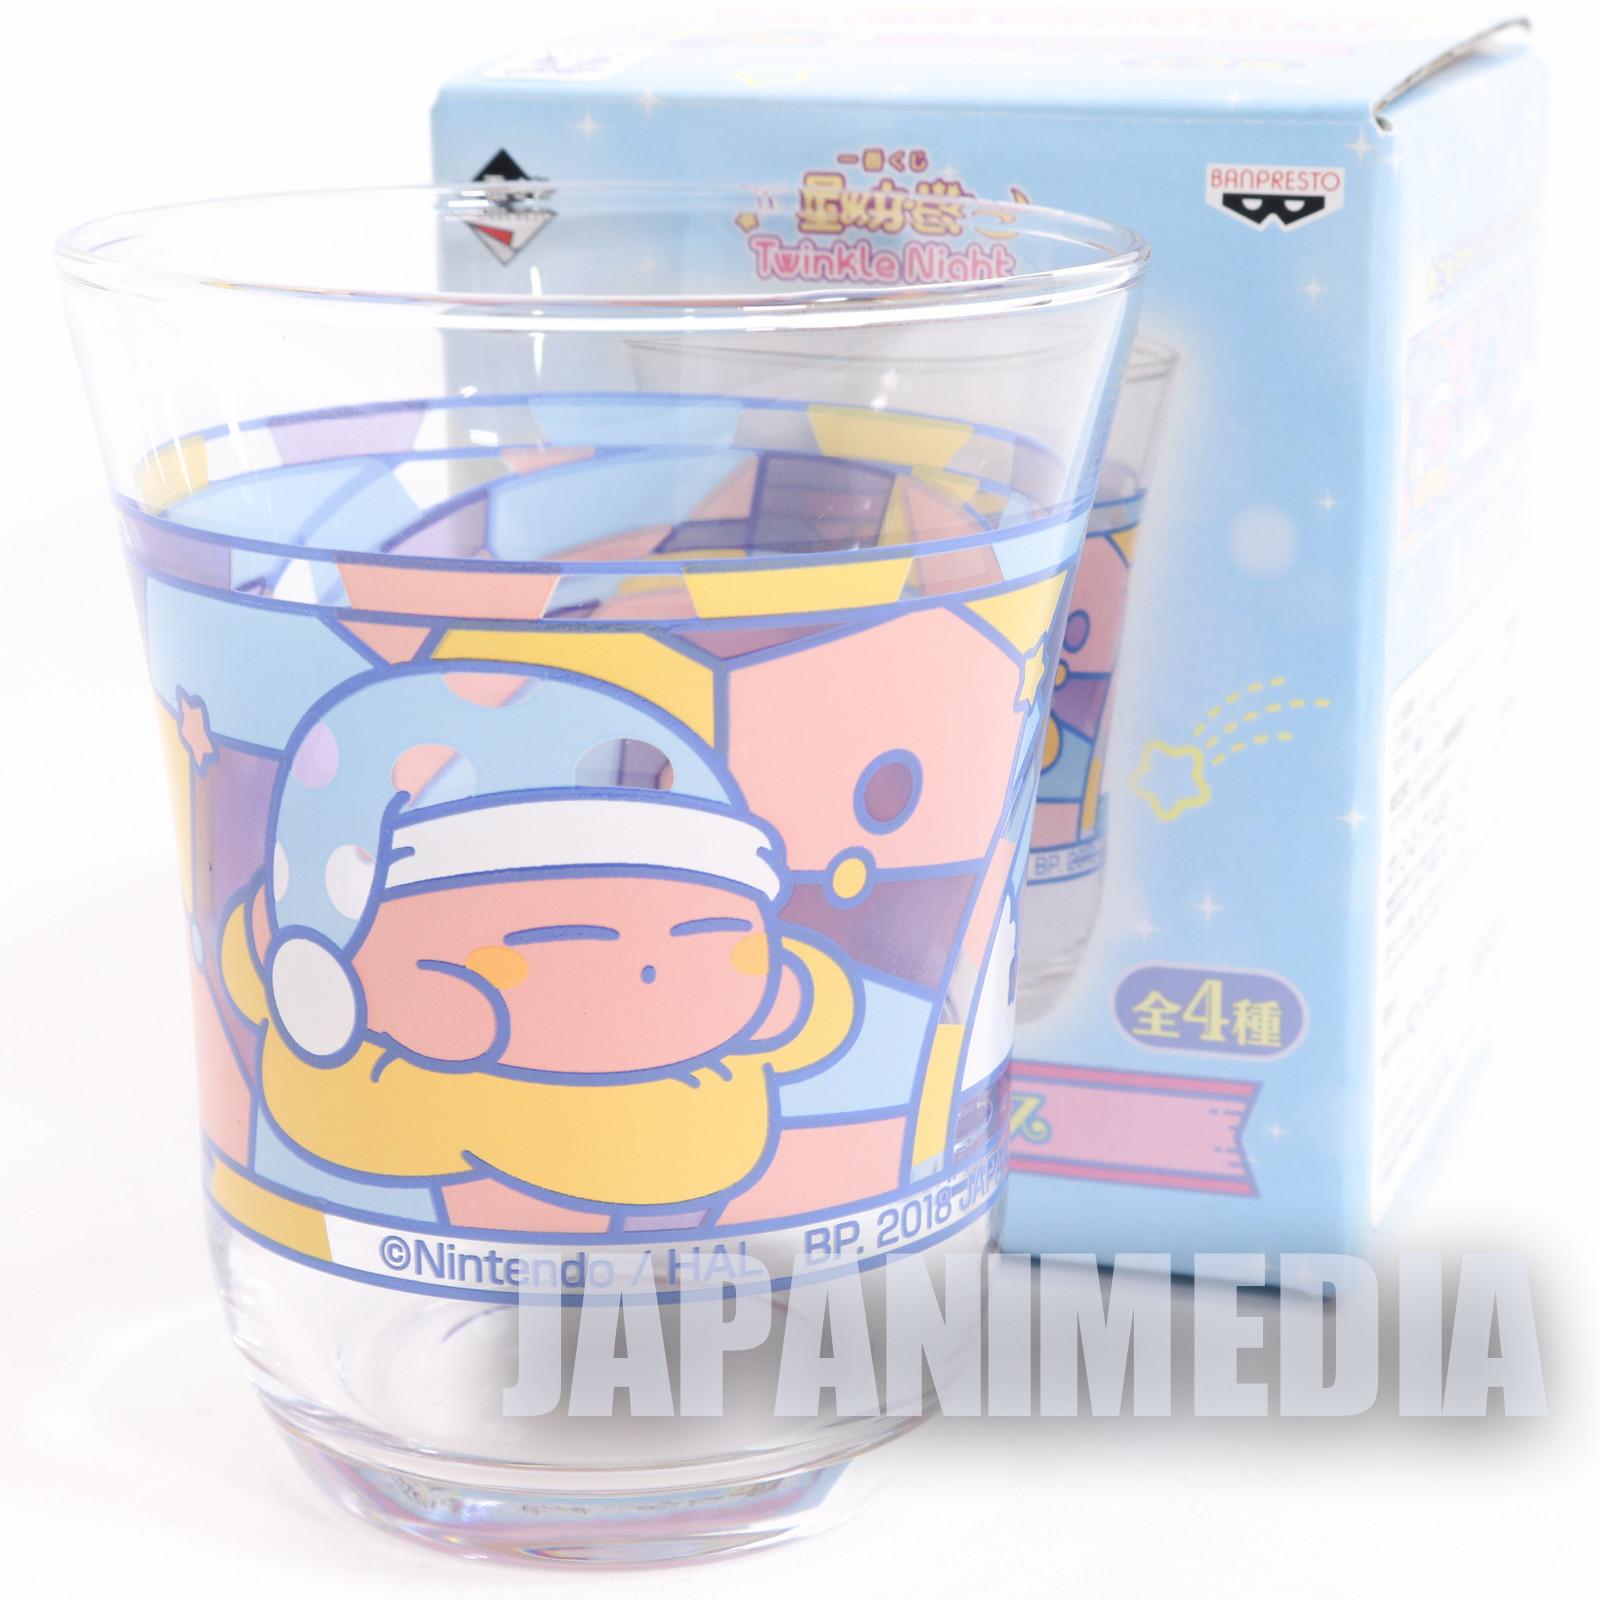 Kirby Super Star Twinkle Night Glass Banpresto JAPAN GAME NINTNEDO